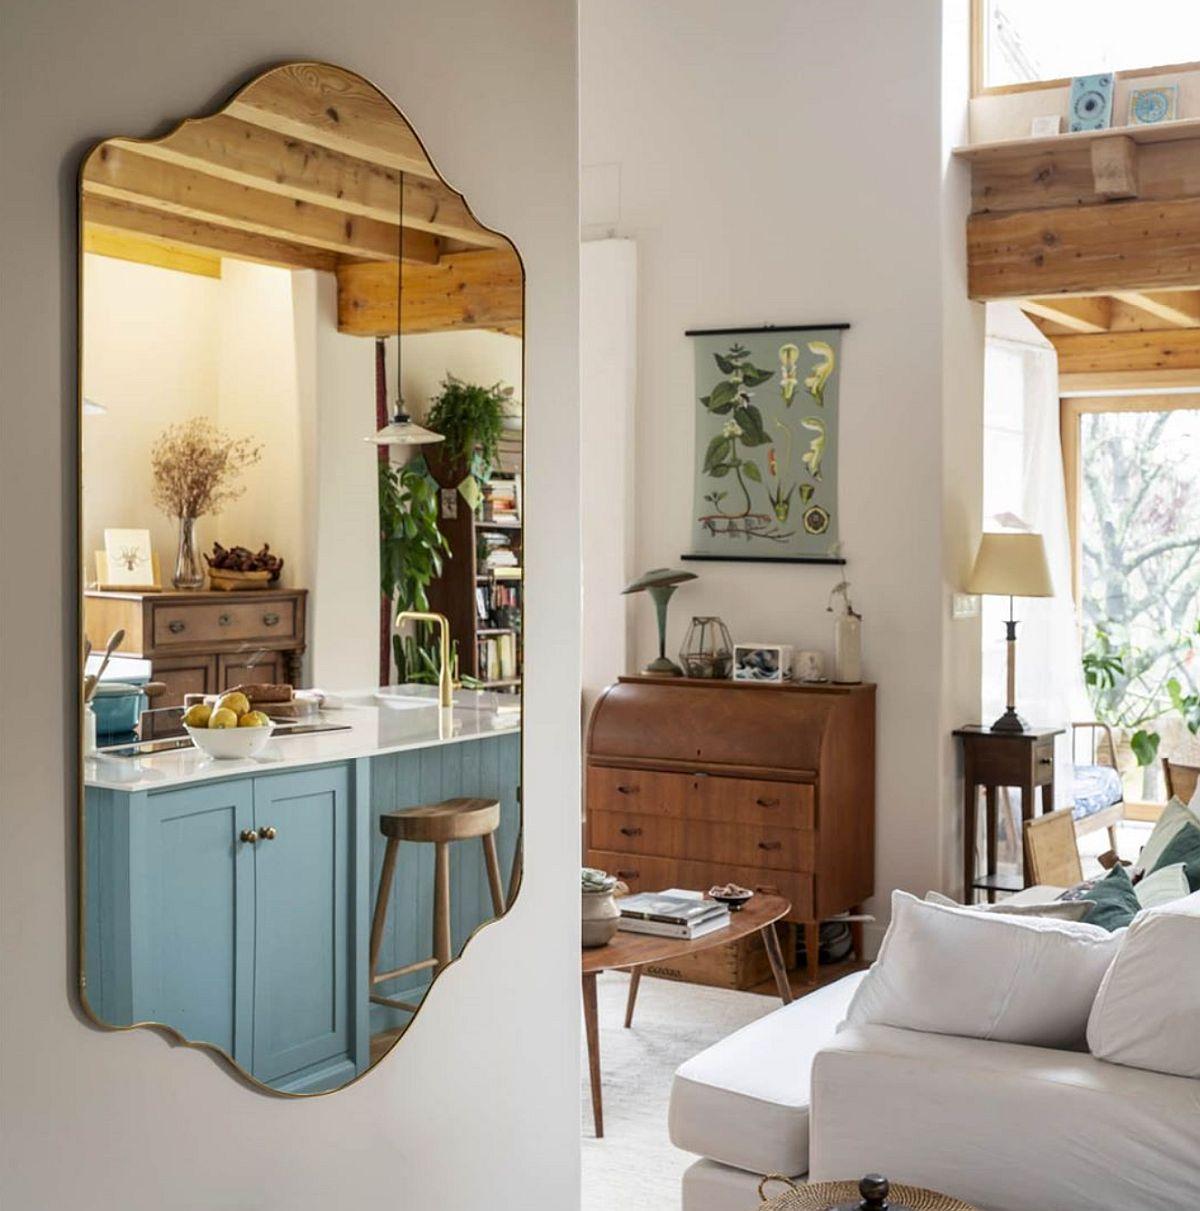 Canapeaua situată între zona de acces a parterului și bucătărie, lasă decorul de la primul nivel al casei la vedere, dar mai ales lasă lumina naturală să circule și să inunde interiorul.